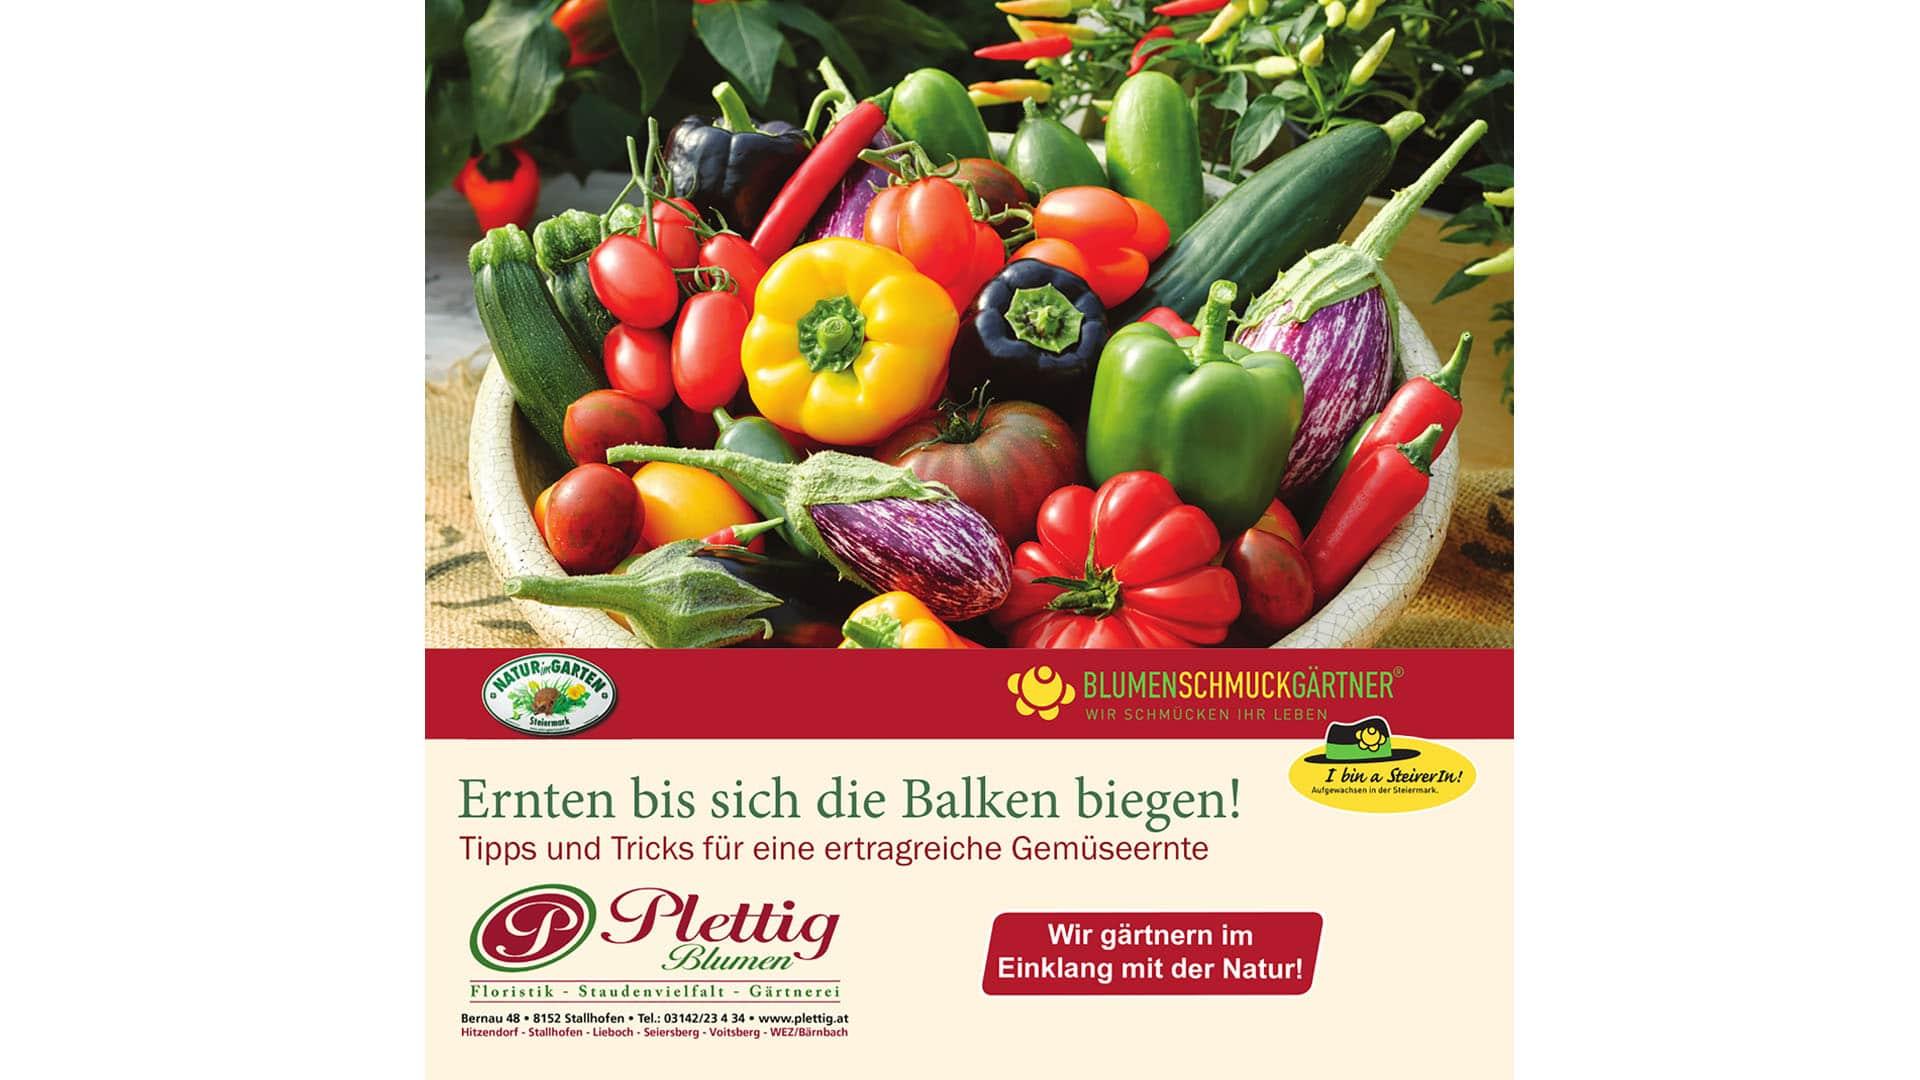 Plettig-Gemüsefolder-2021